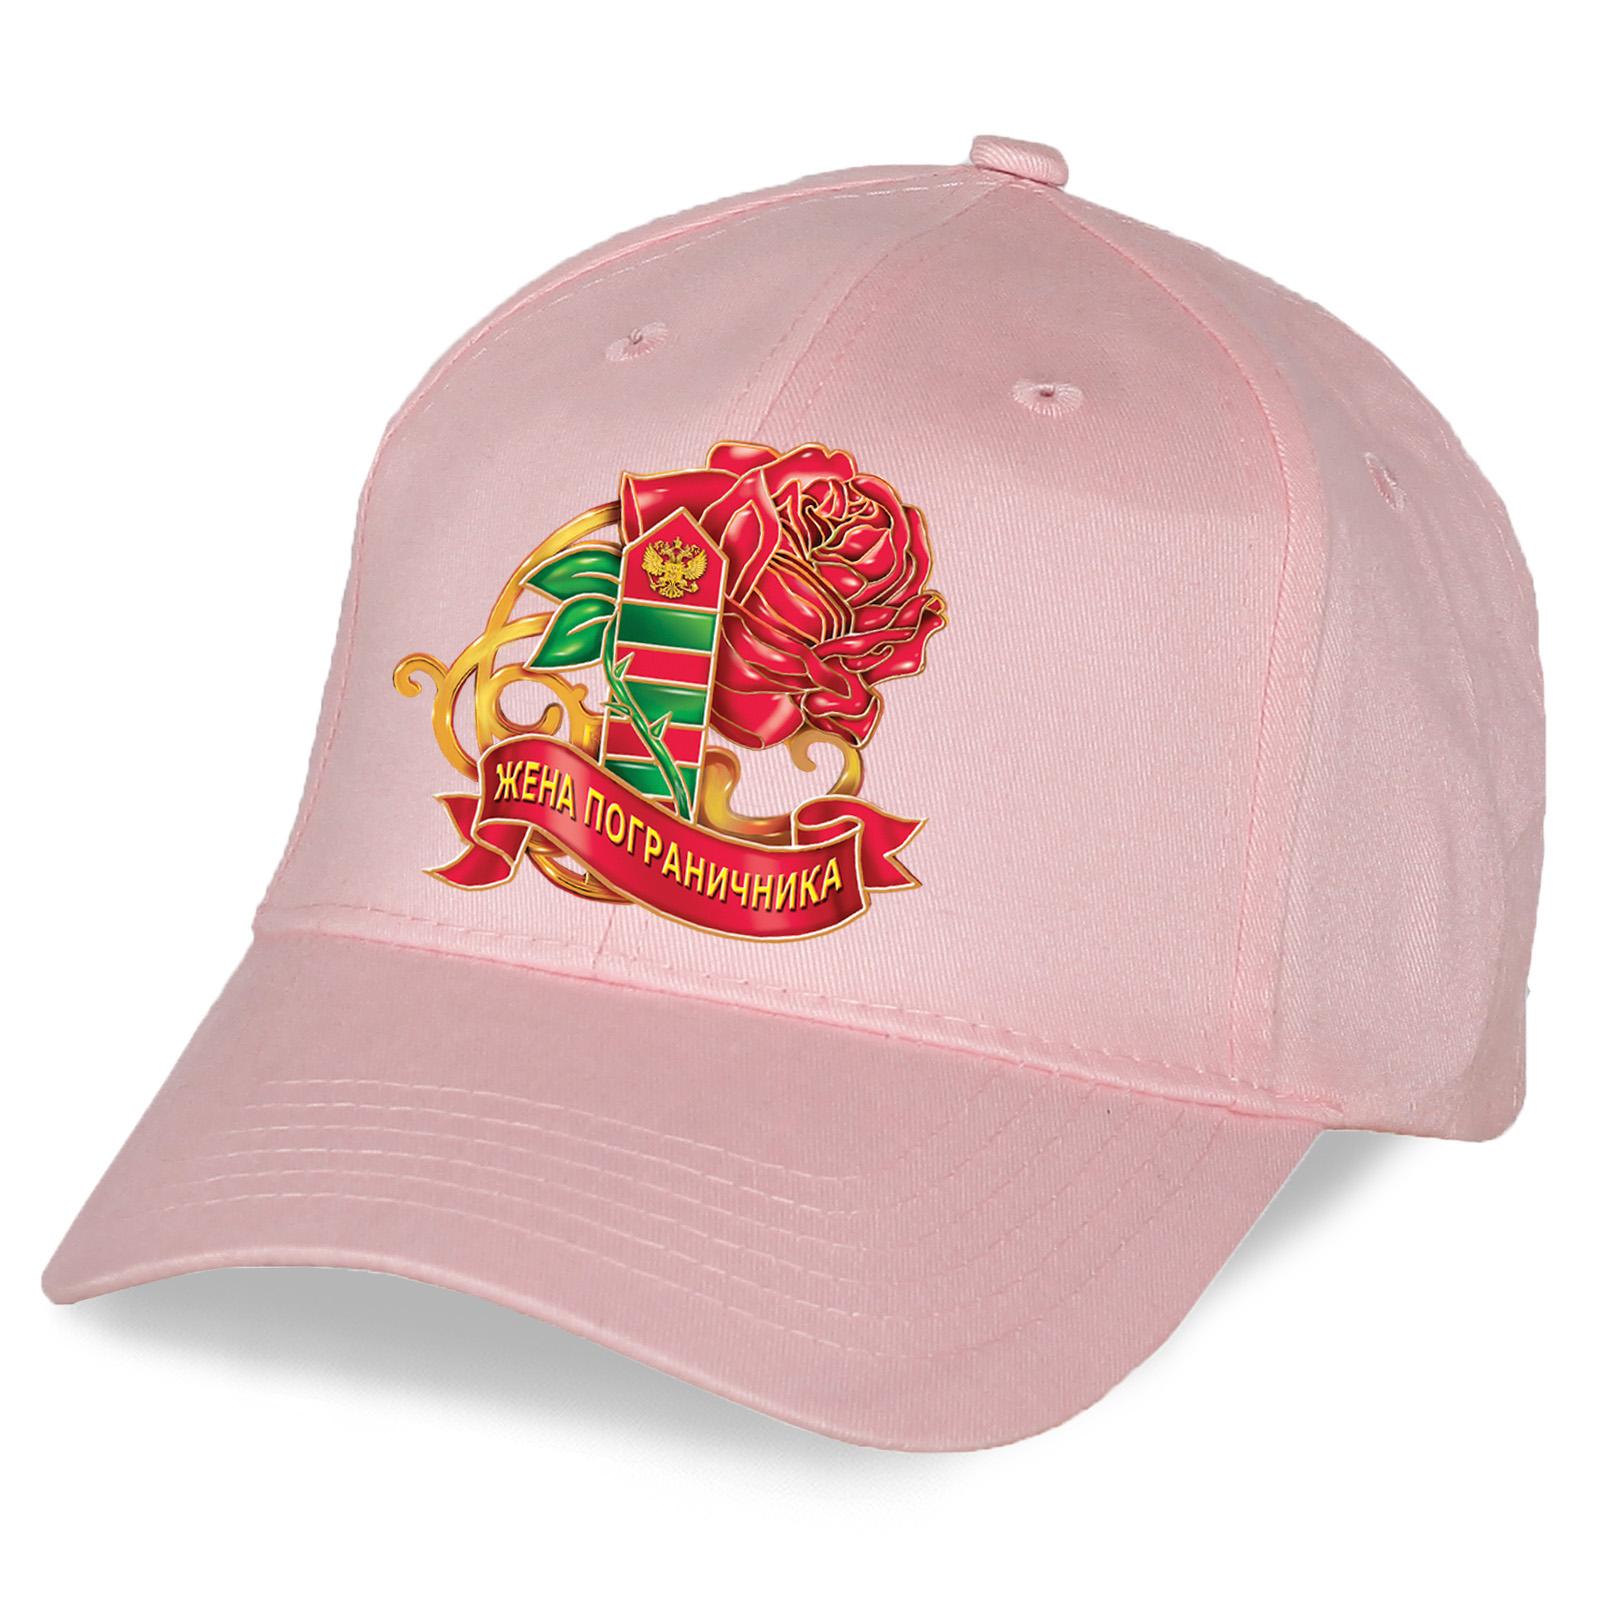 Розовая бейсболка для жены пограничника купить оптом